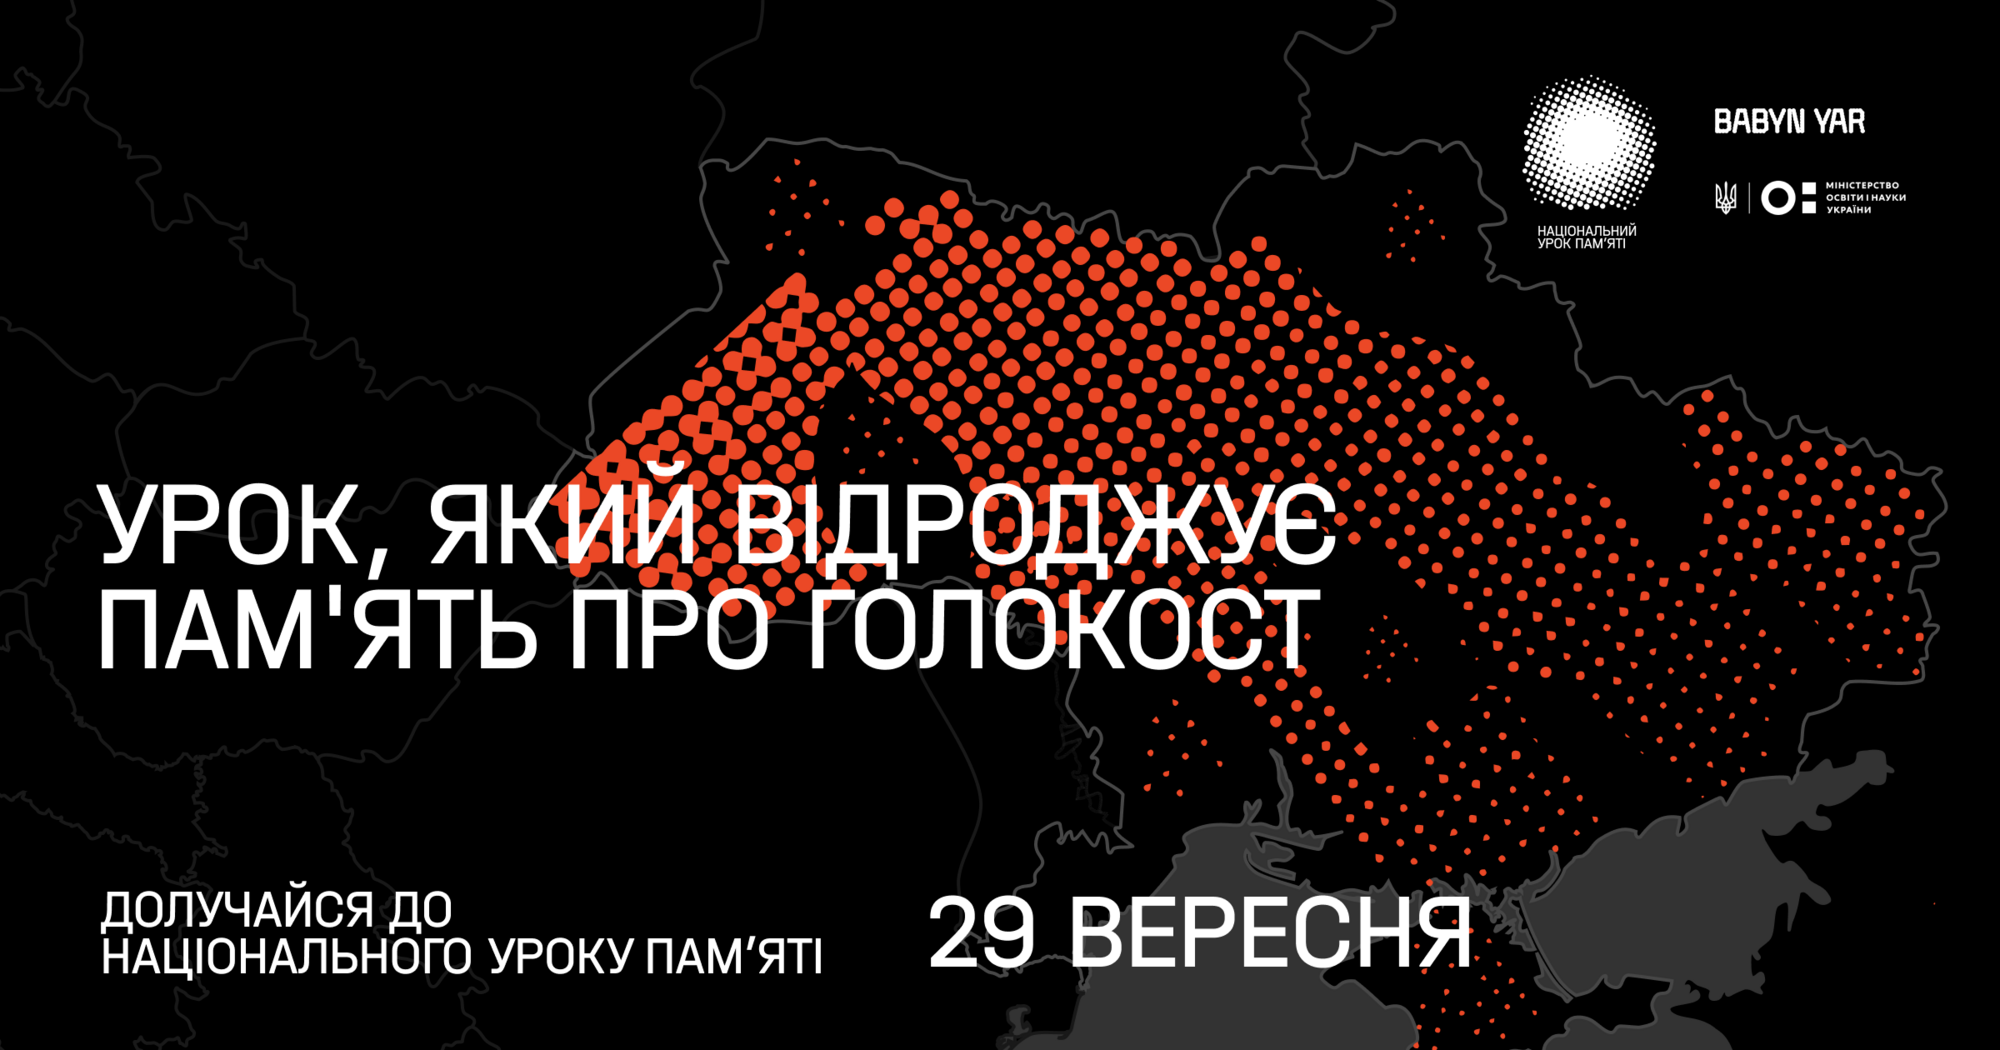 Одновременно в 15 тысячах школ Украины пройдет Национальный урок памяти.